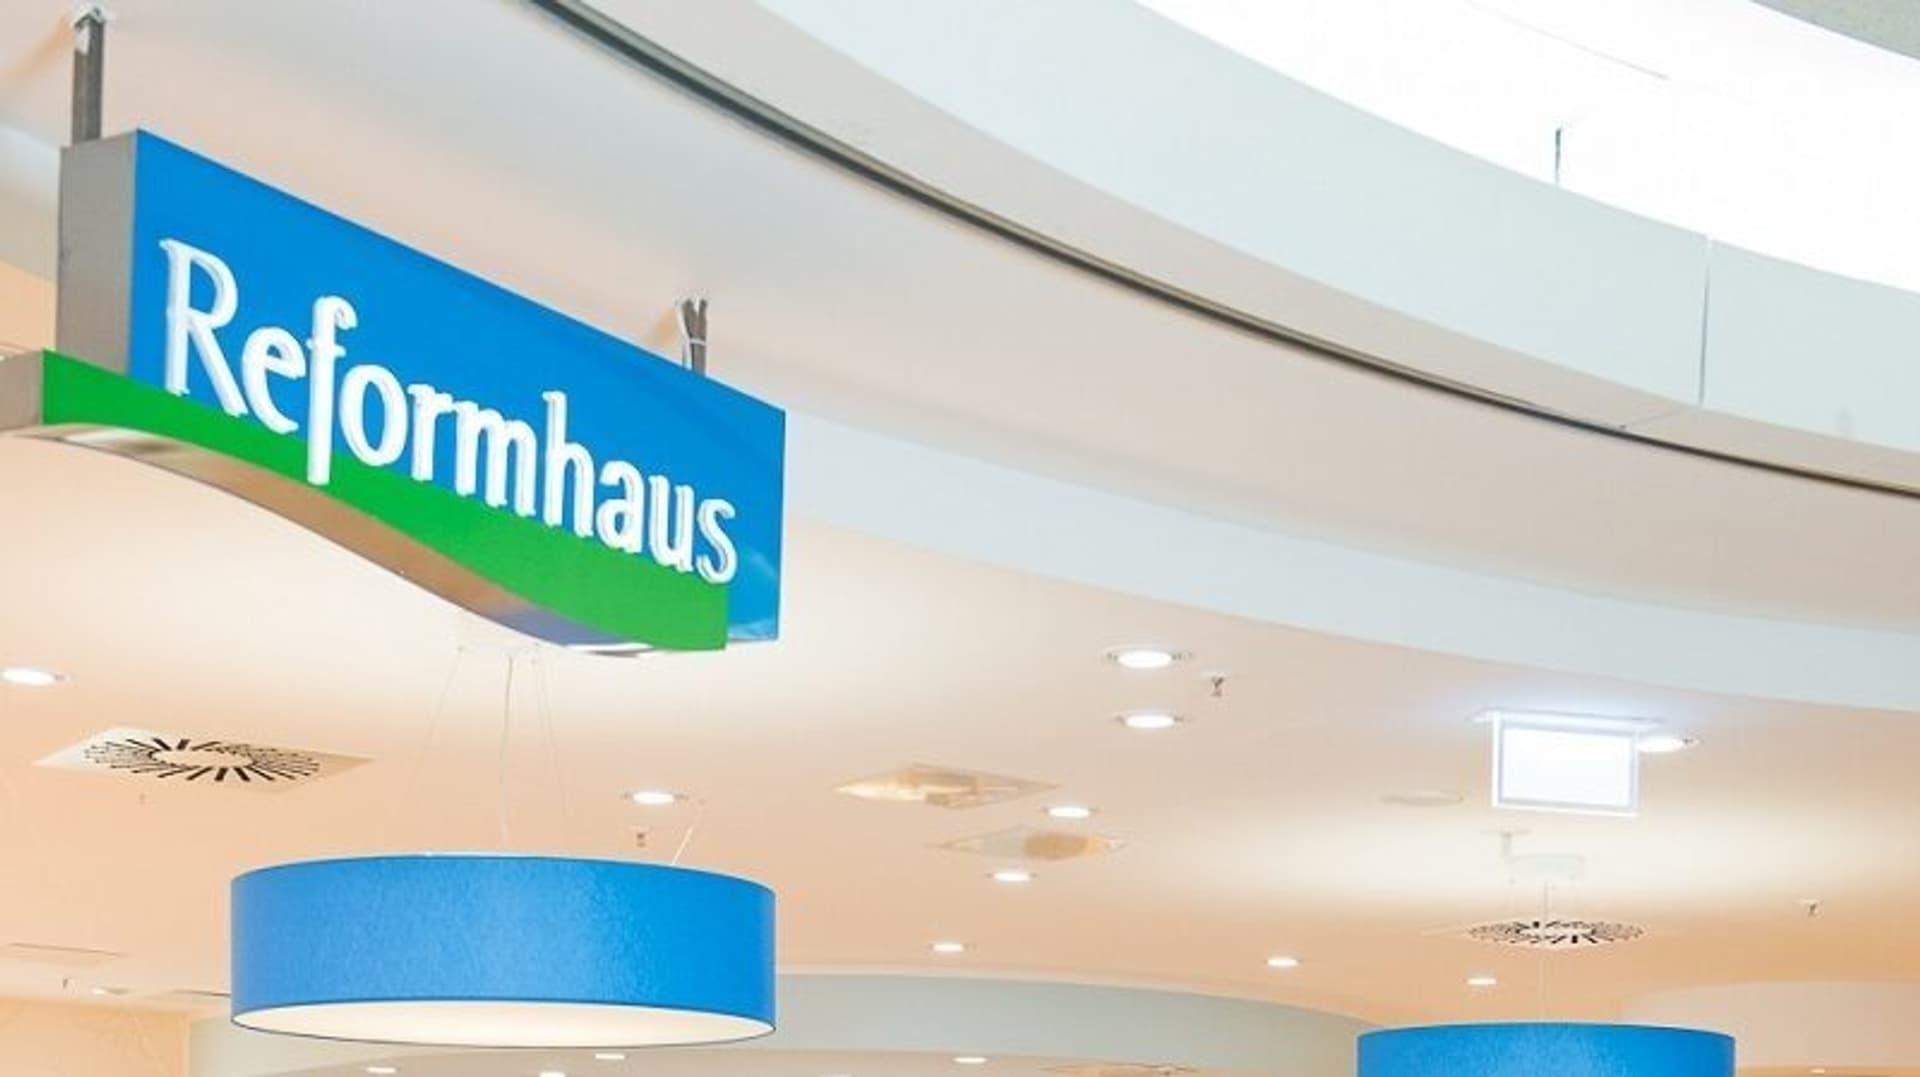 Reformhaus Schild c Reformhaus